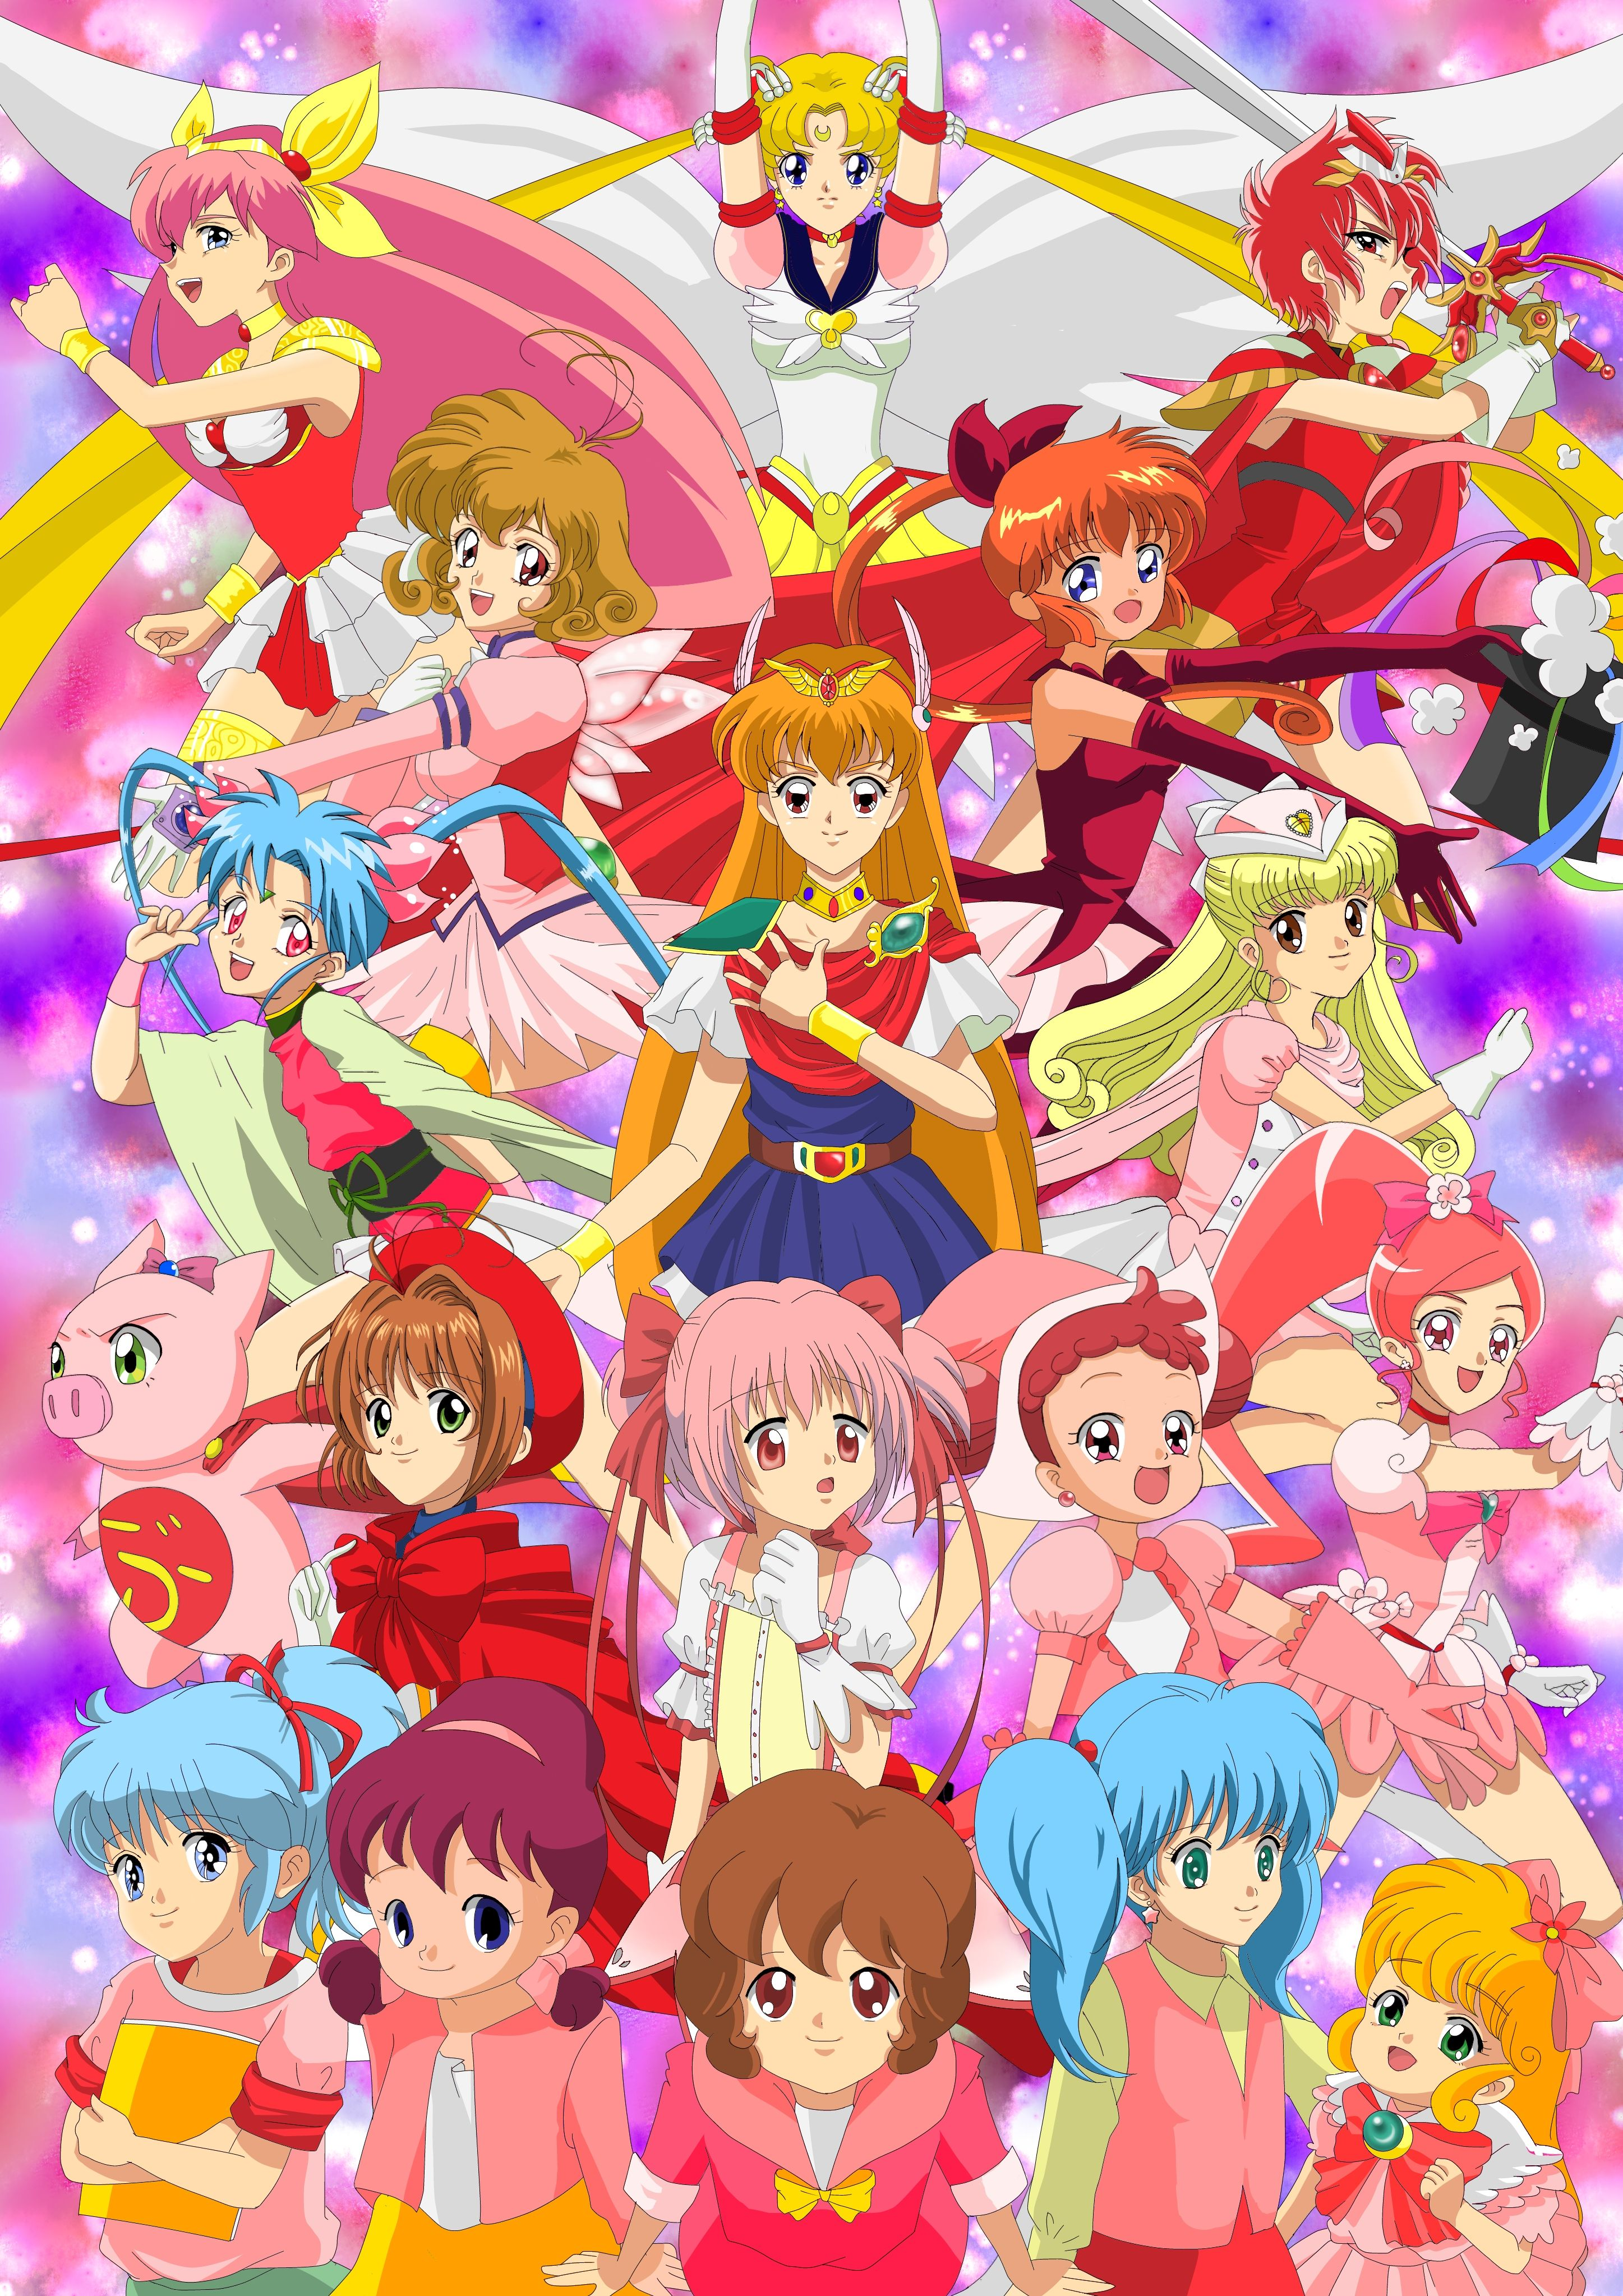 Mahou Shoujo  Magical girl anime, Anime, Magical girl